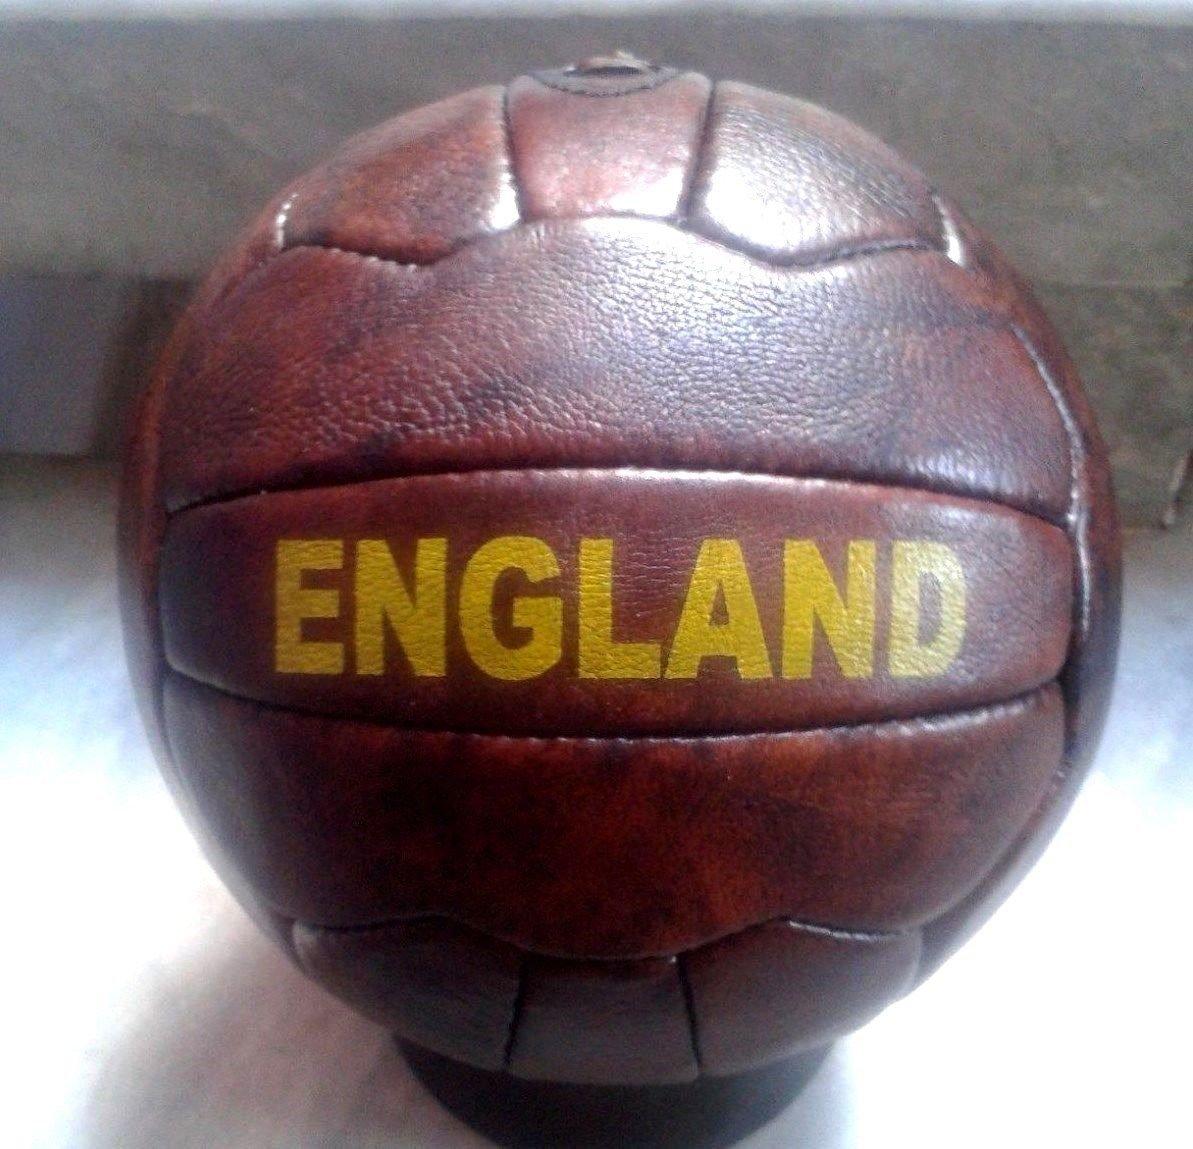 Englandヴィンテージスタイルレザーサッカーボール B018Y0VCMC